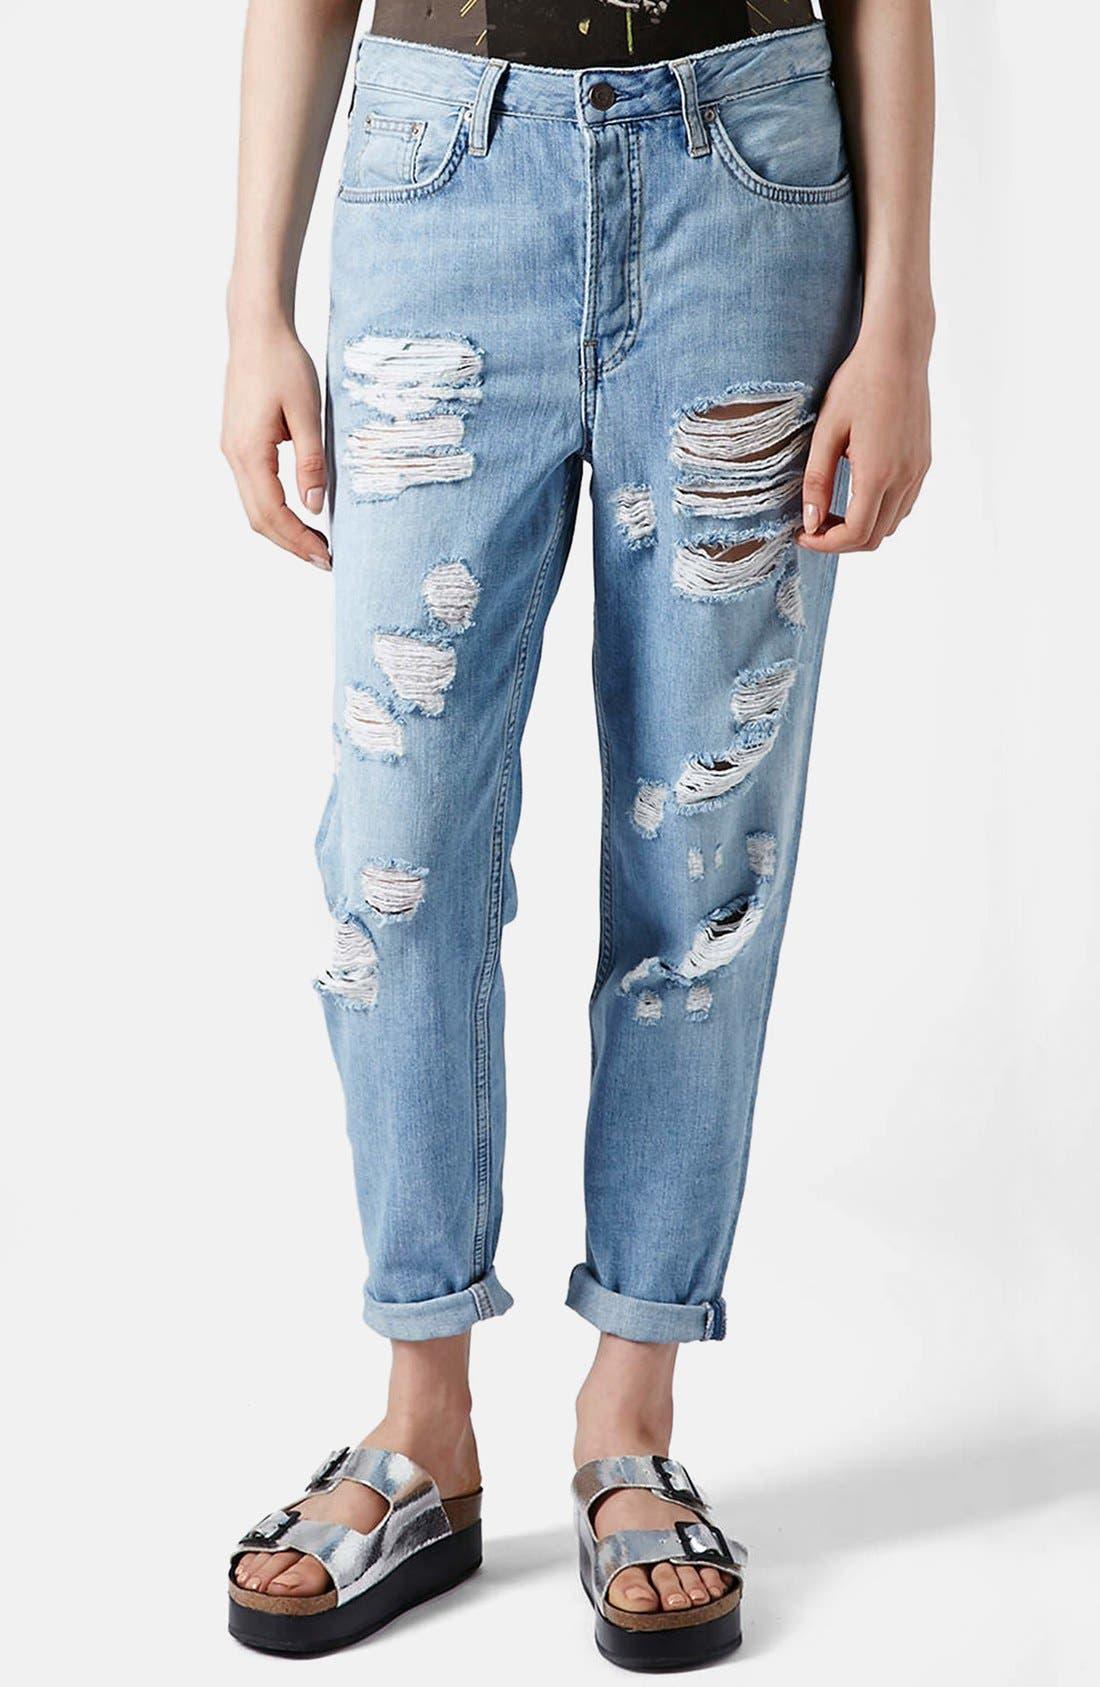 Alternate Image 1 Selected - Topshop Moto Destroyed Boyfriend Jeans (Light Denim)